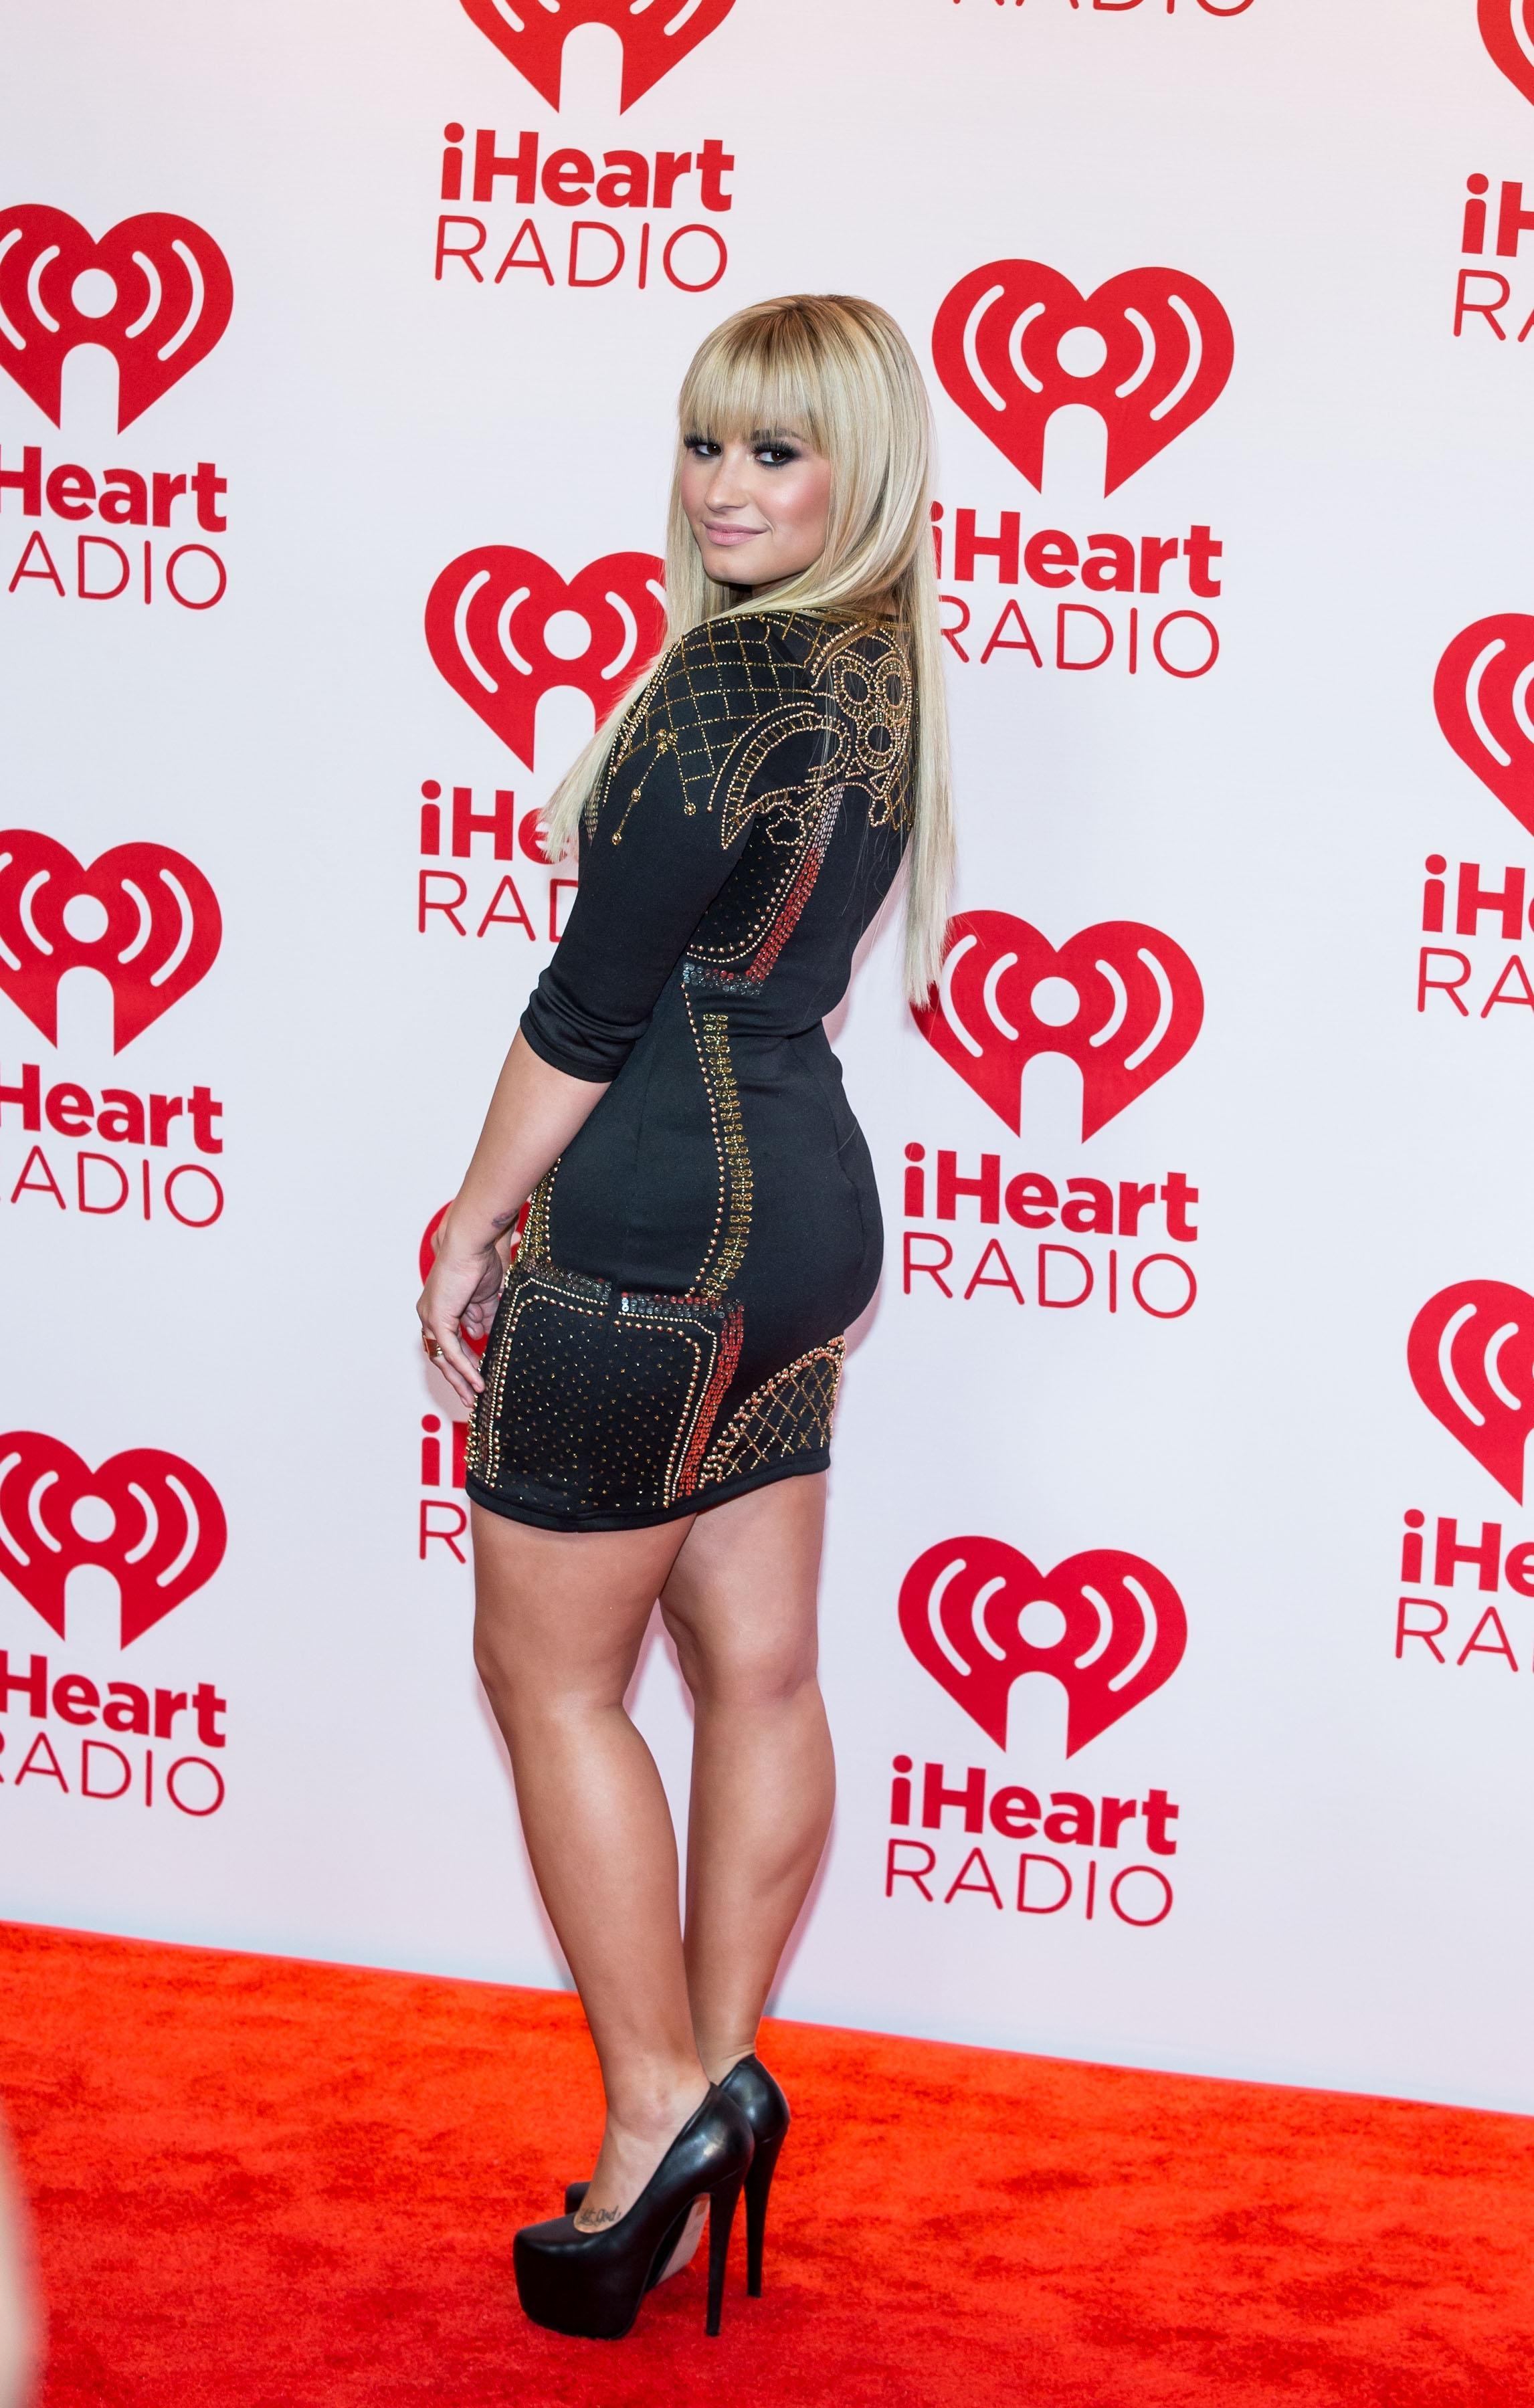 389394158_Demi_Lovato_iHeartRadioMusicFestival11_122_249lo.jpg